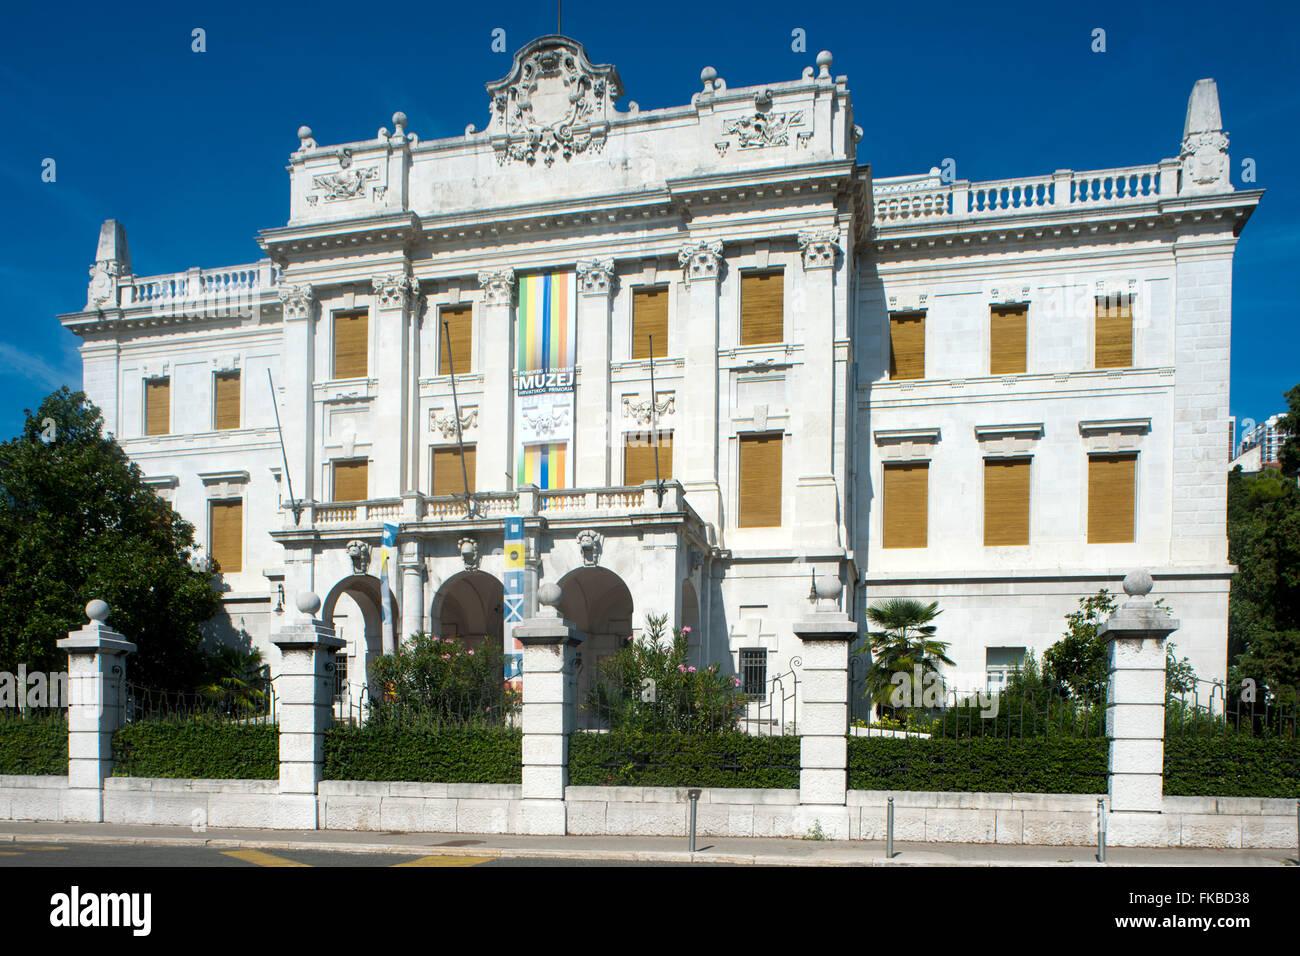 Fernsehreihe, Rijeka, Seefahrtsmuseum Und Historisches Museum Stockbild